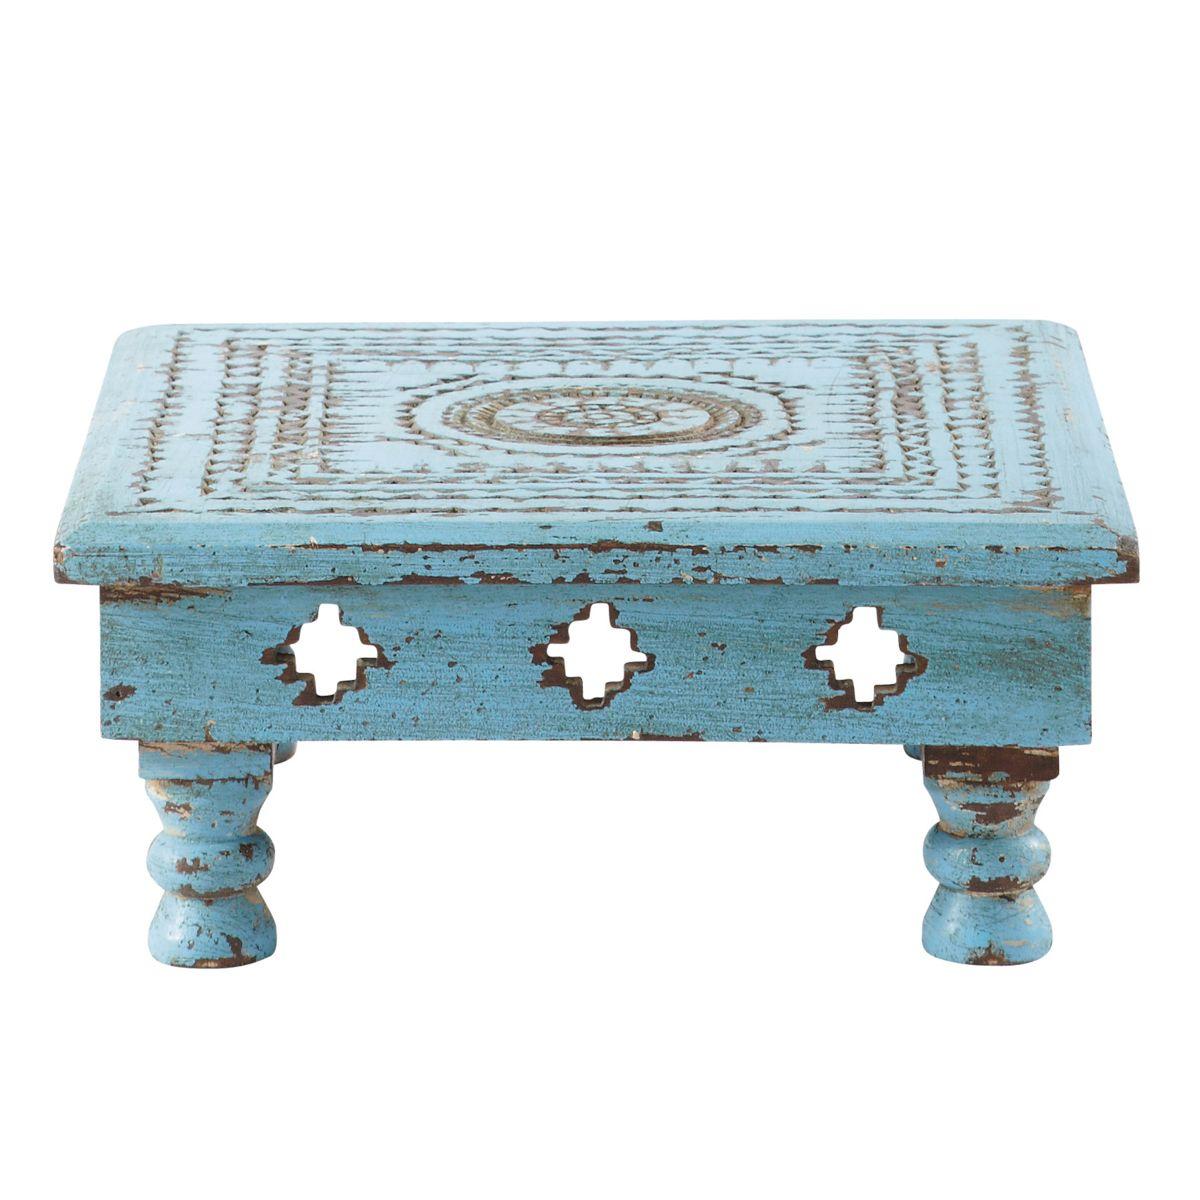 Atul Blue Carved Wood Table 49 90 Avec Images Bois Sculpte Table Bois Mobilier Bleu